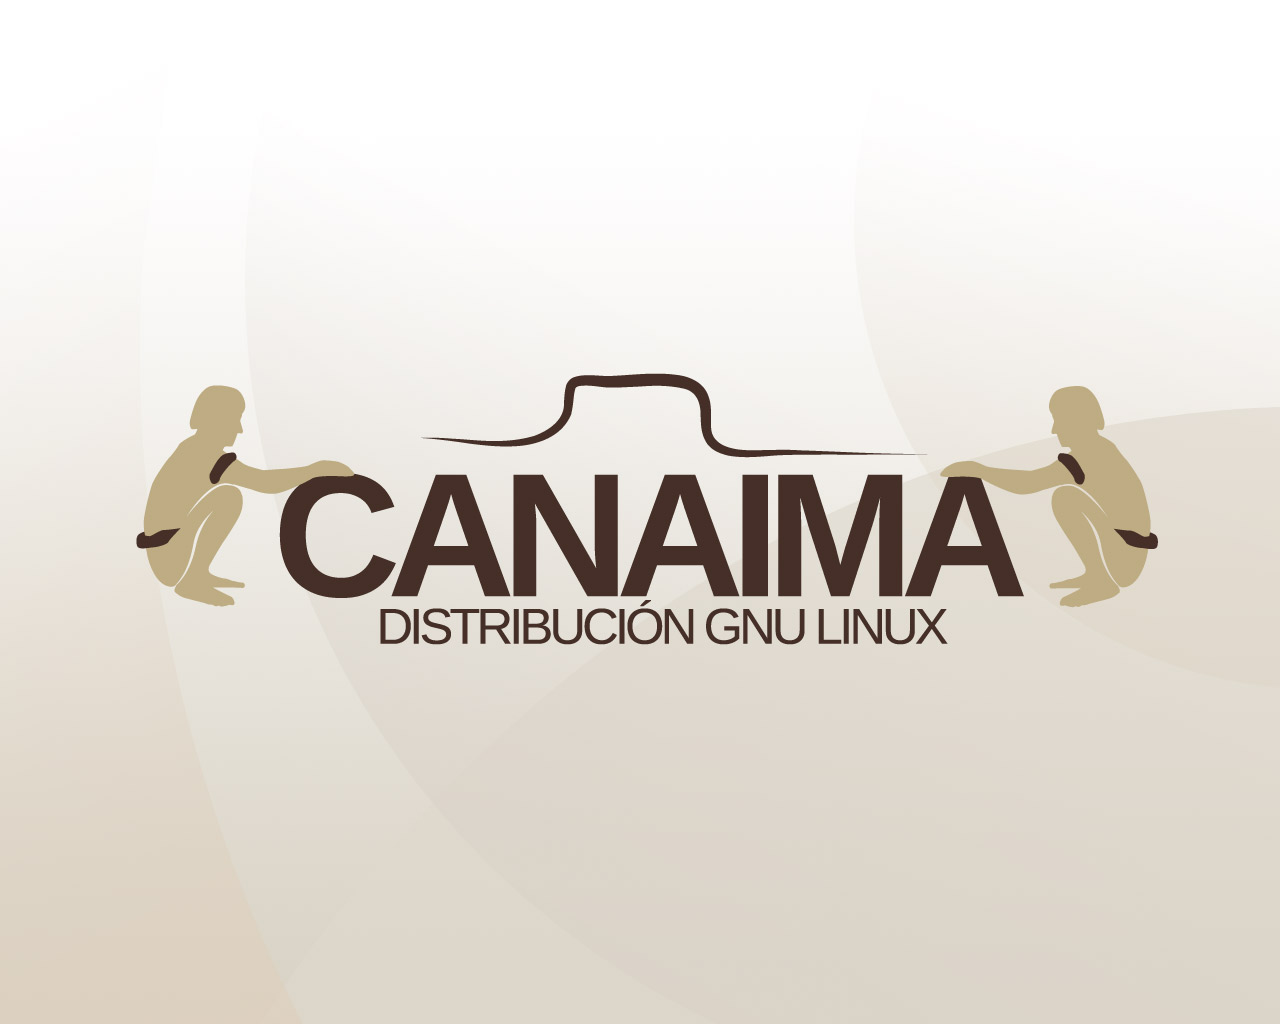 Descargar Canaima GNU/Linux